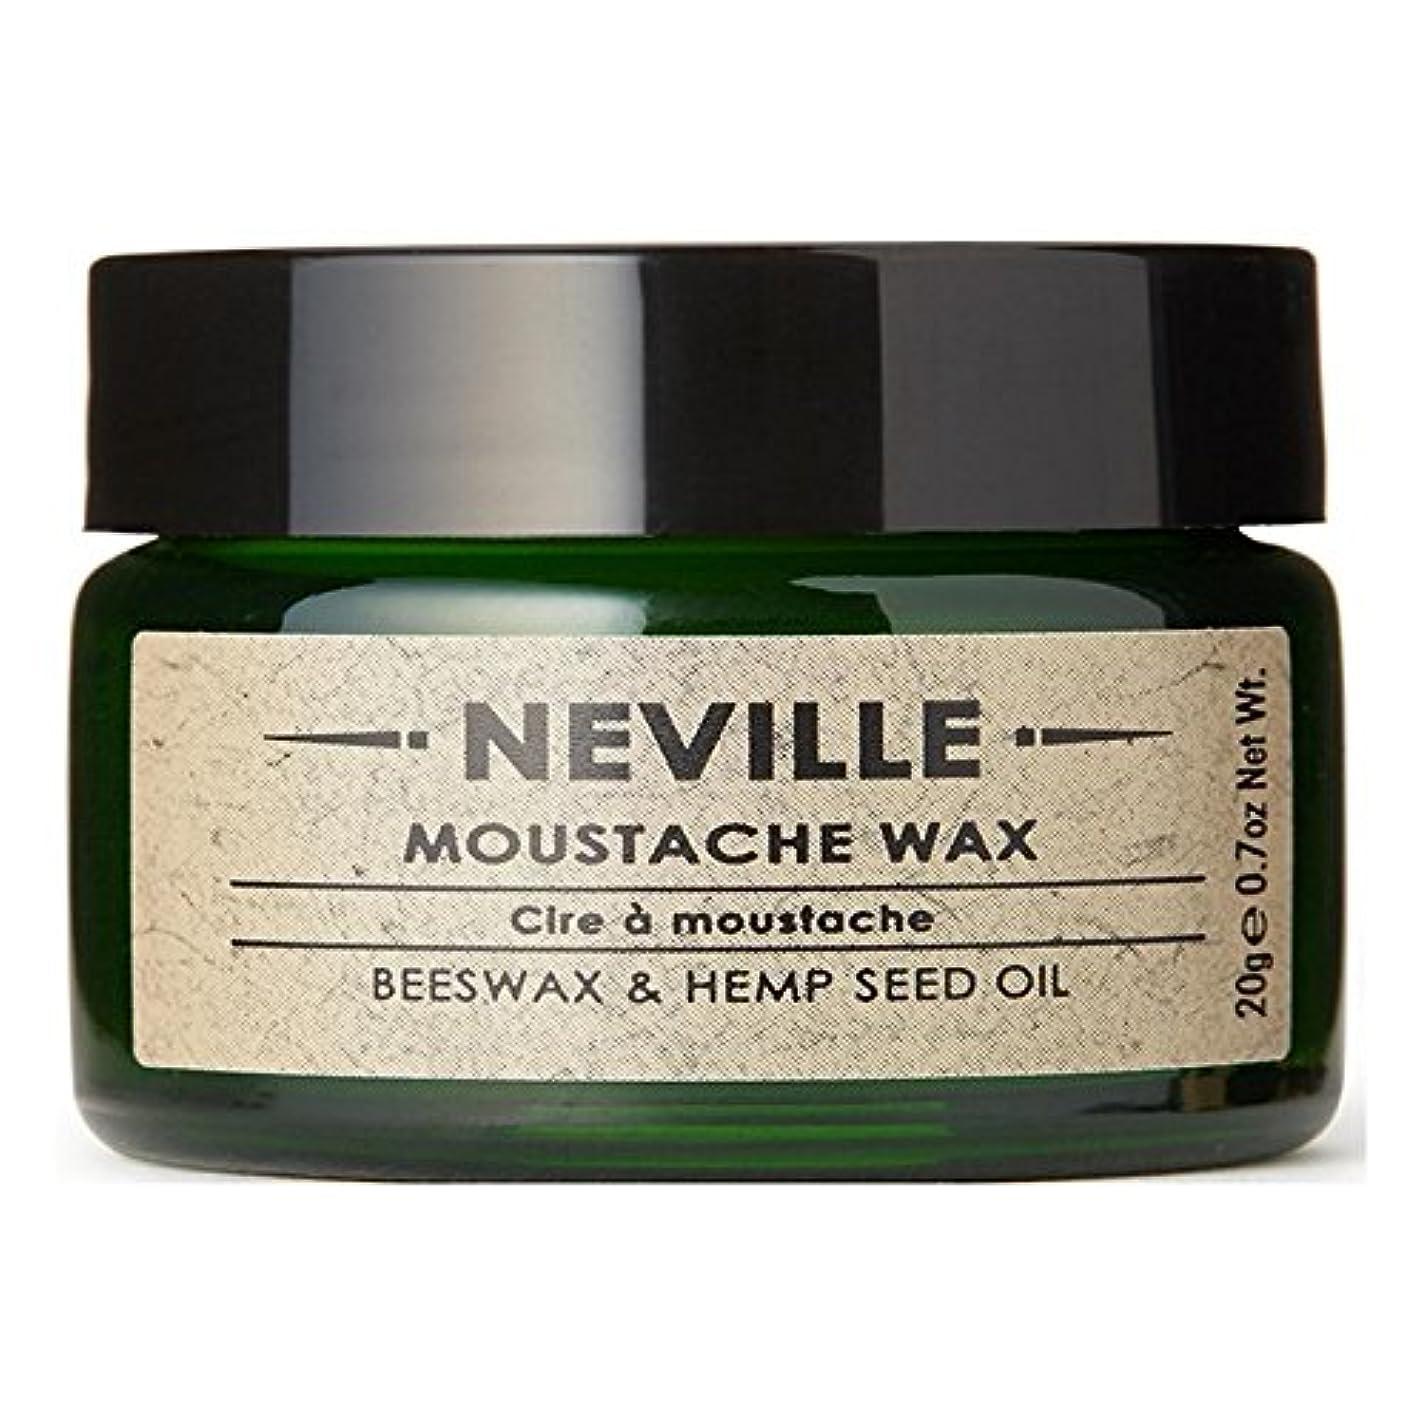 漏斗実用的キラウエア山ネビル口ひげワックス x2 - Neville Moustache Wax (Pack of 2) [並行輸入品]